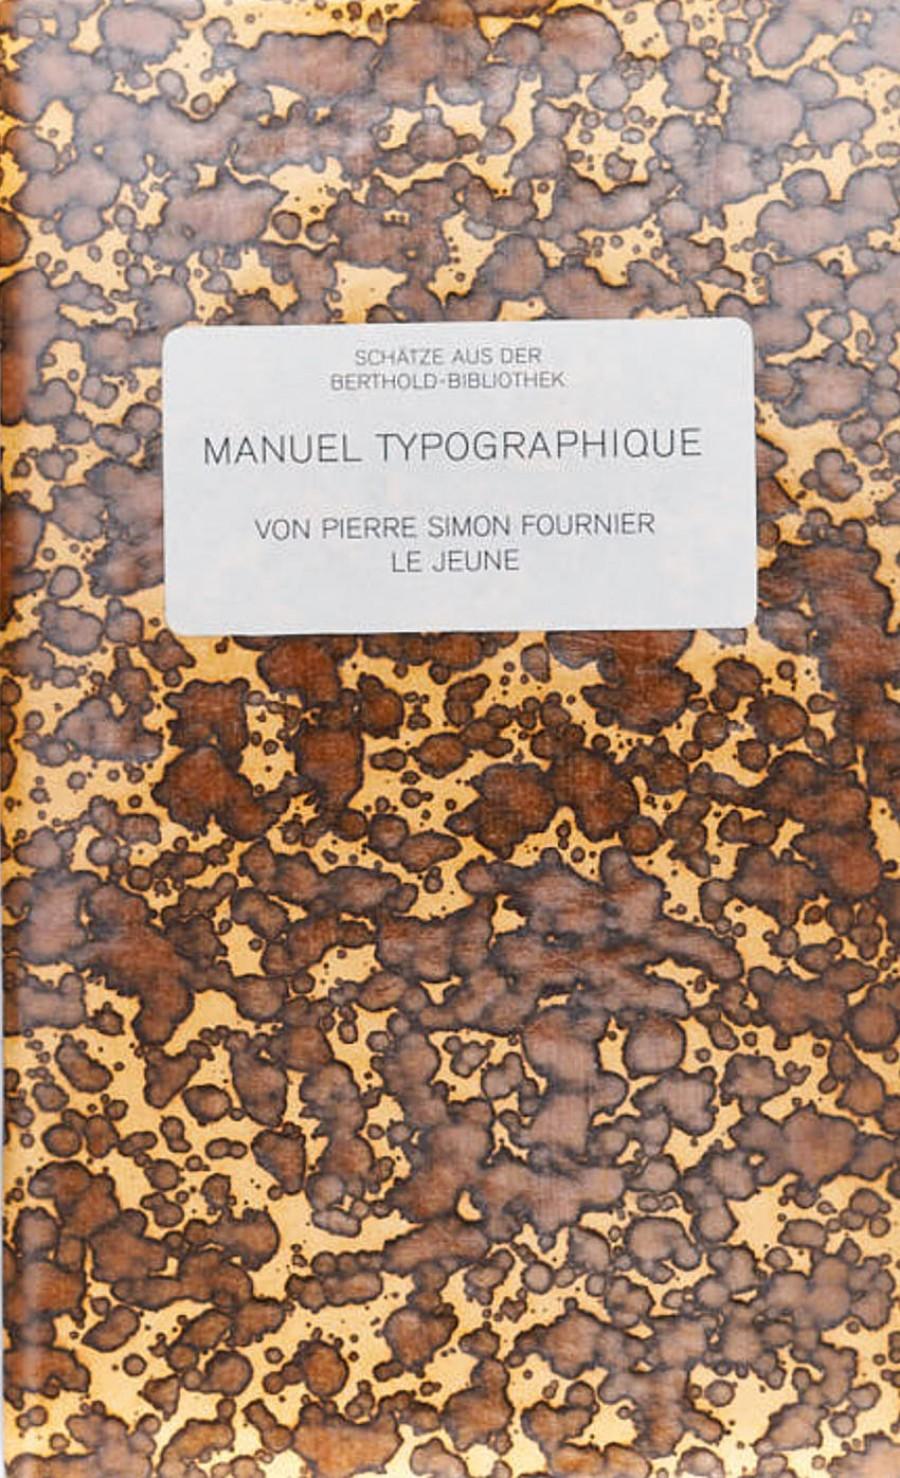 Pierre Simon Fournier, le jeune:Manuel typographique